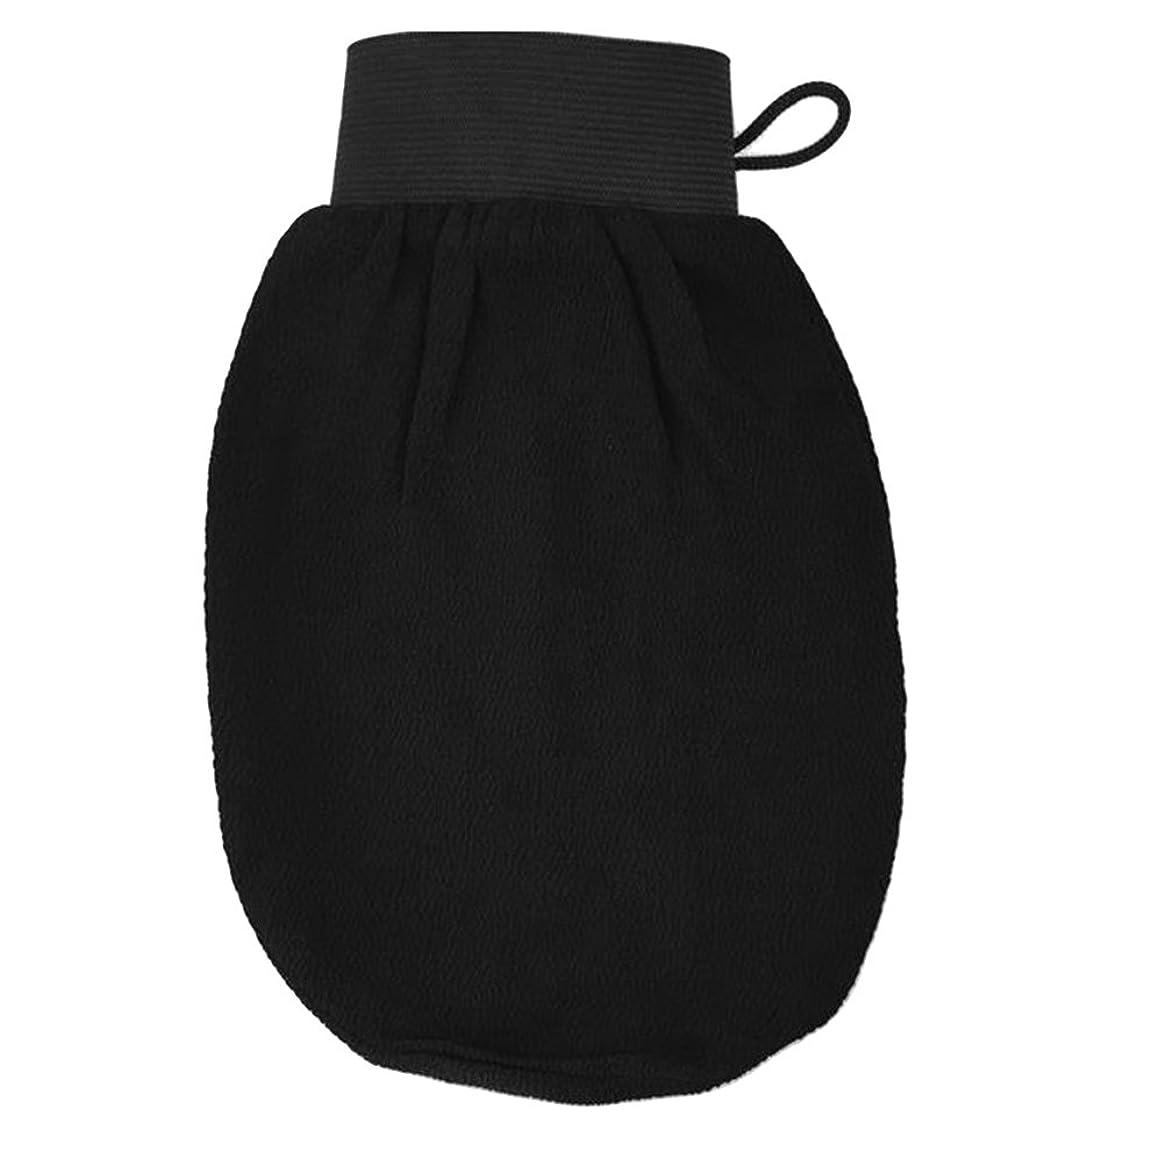 住むアンビエントスキルROSENICE バスグローブ 浴用グローブ 角質取り 泡立ち 垢擦り 手袋 マッサージ ボディウォッシュ シャワー バスルーム 男女兼用 バス用品(ブラック)